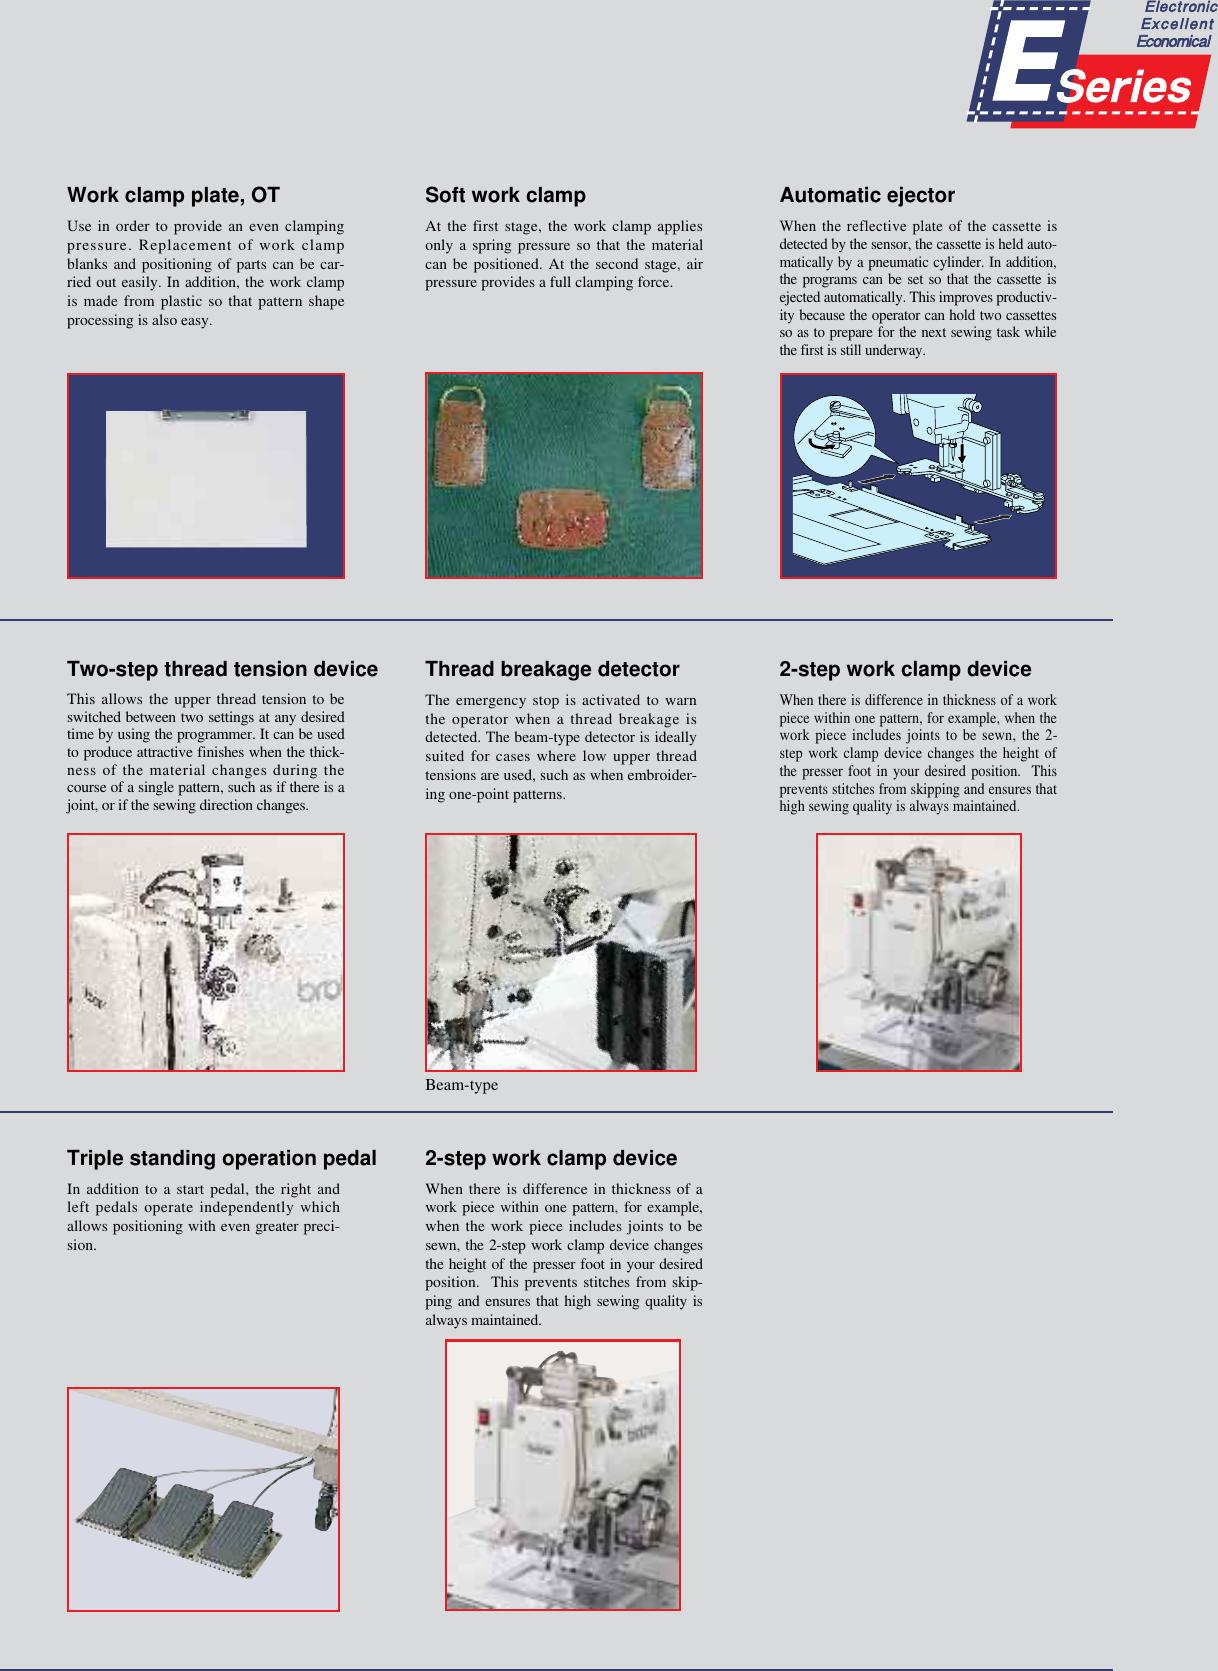 ACE&EASTMAN Bas 300E Series Brochure E)BAS 341E†E342E(02 3